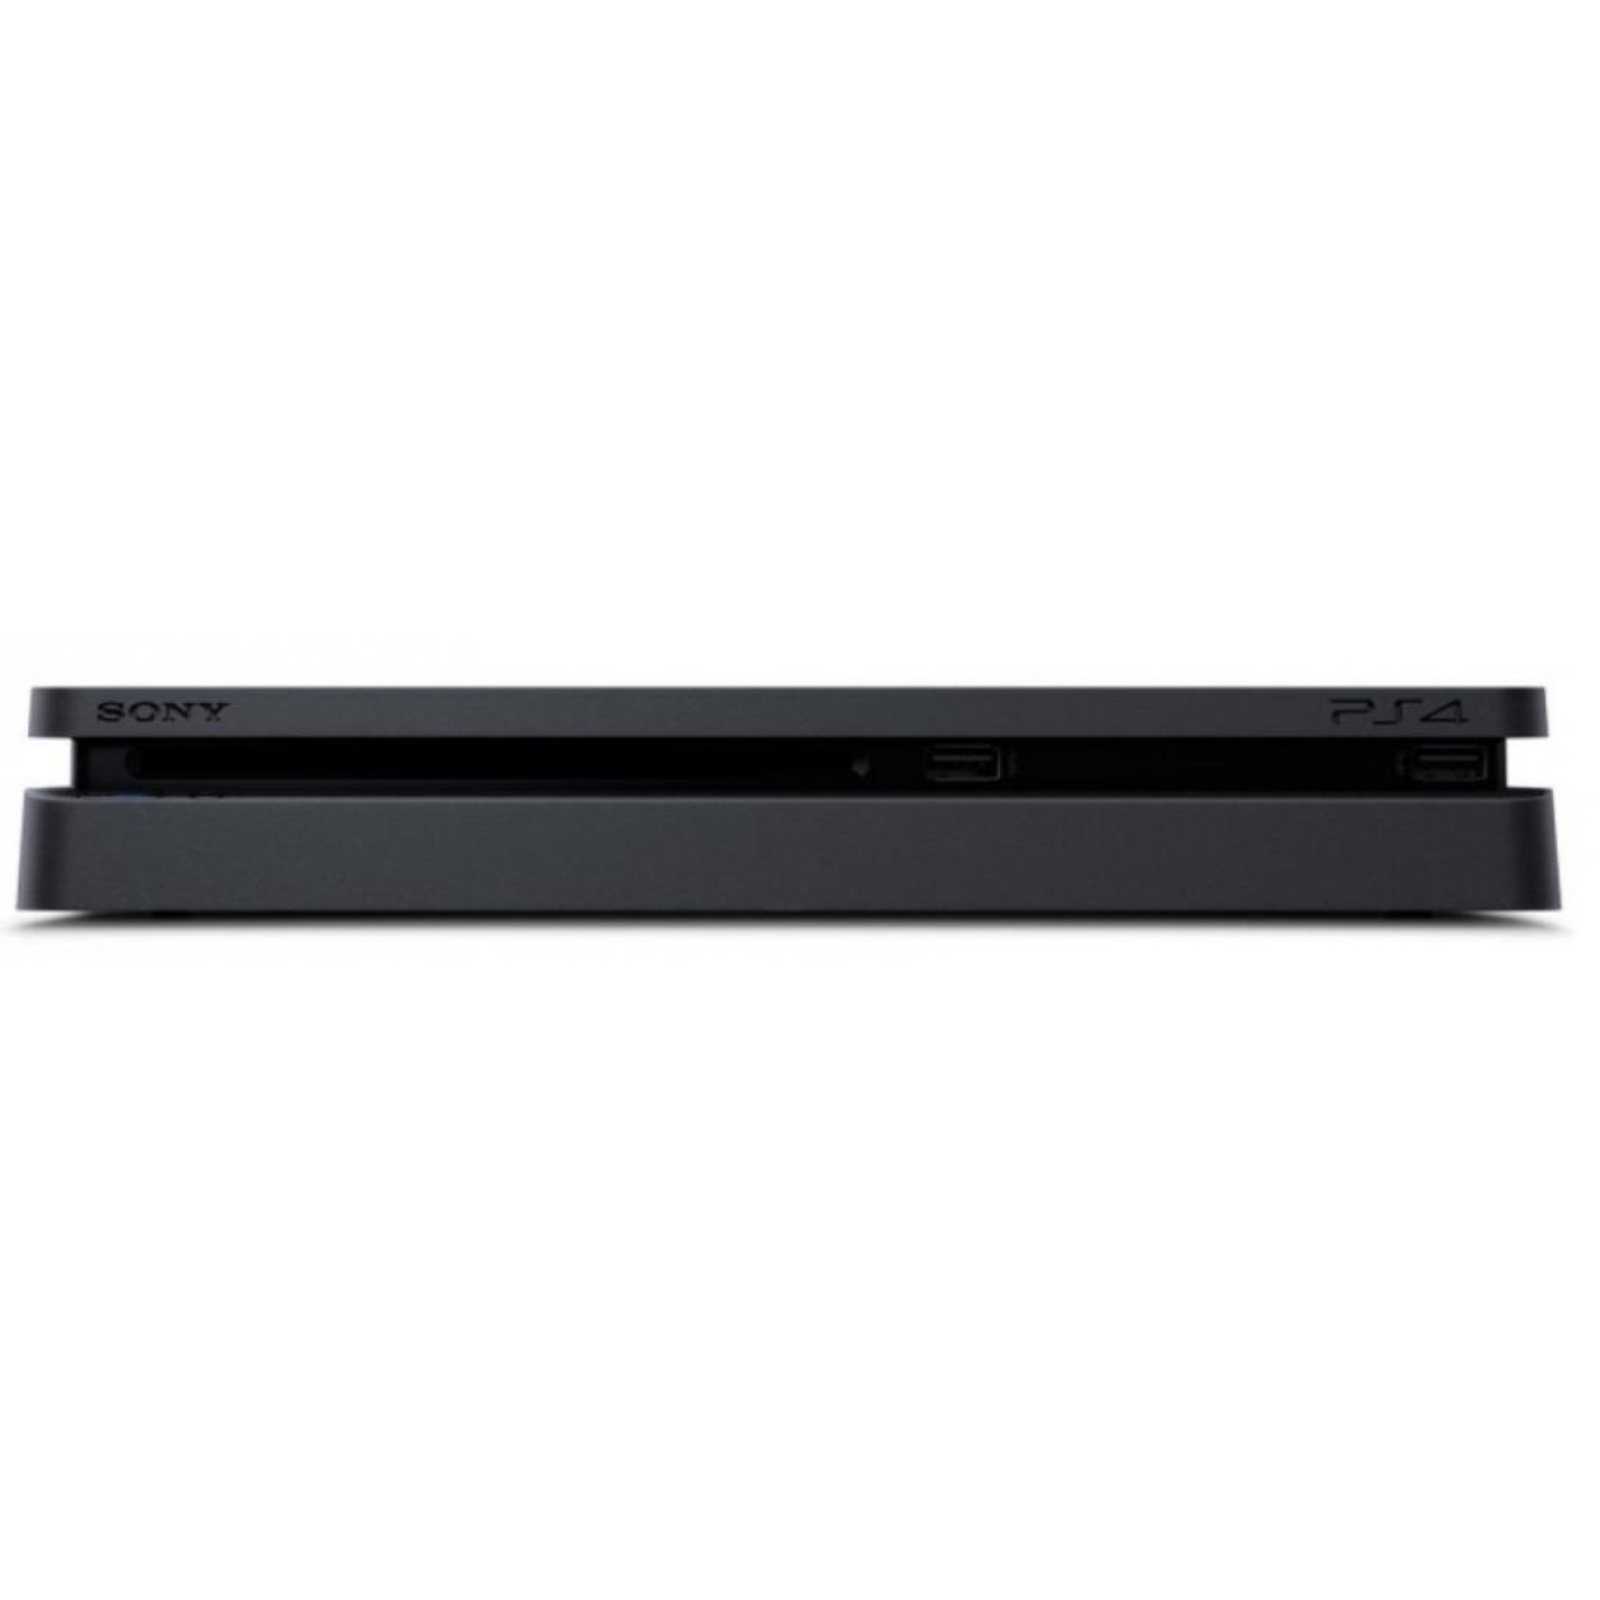 Игровая консоль Sony PlayStation 4 Slim 1Tb Black (God of War) (9385172) изображение 6